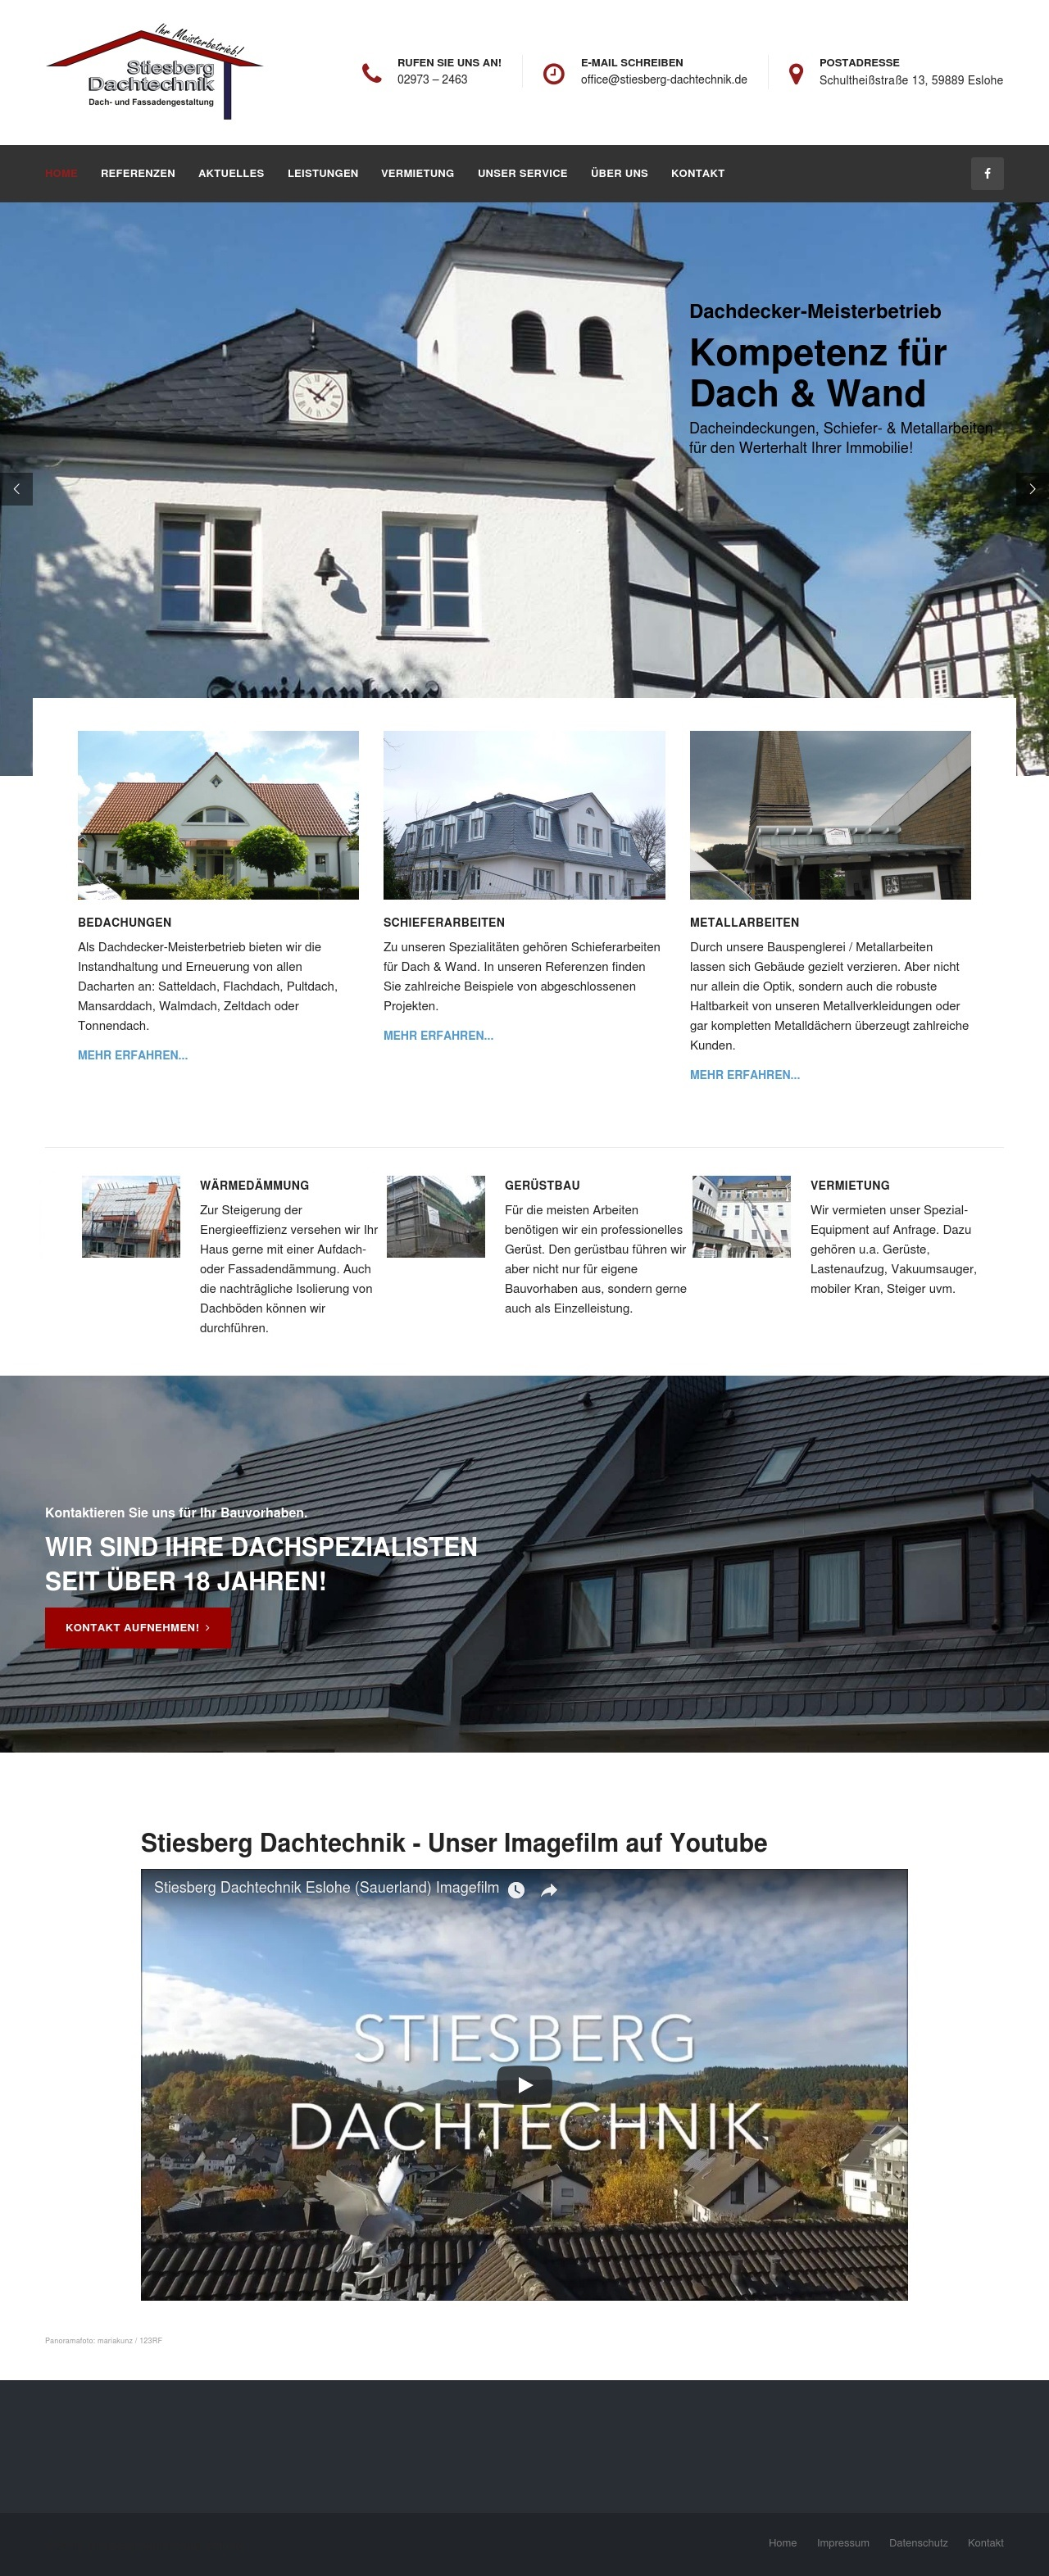 Re-Design einer 5-6 Jahre alten Webseite – sinnvoll?